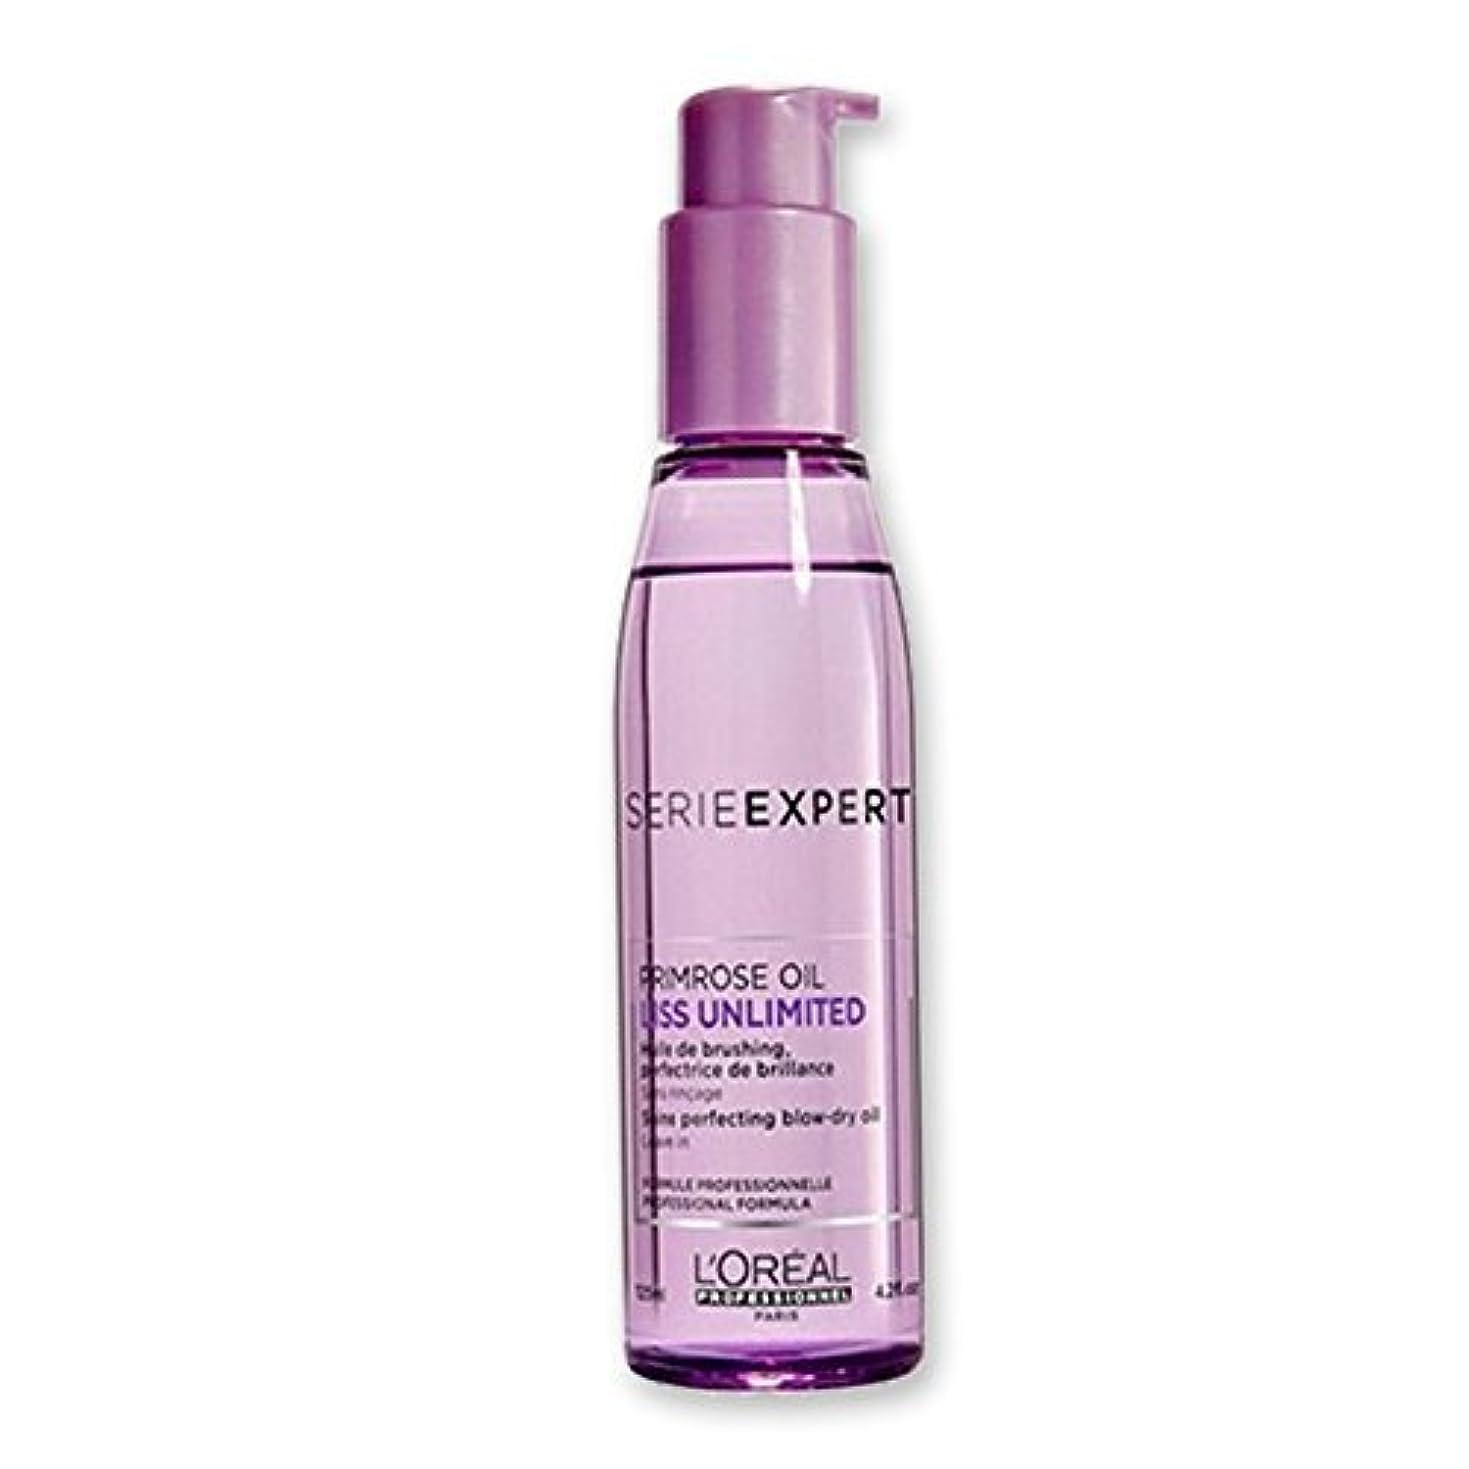 役割カウントキャプションL'Oreal Professionnel Serie Expert Liss Unlimited Evening Primrose Oil Serum, 125ml